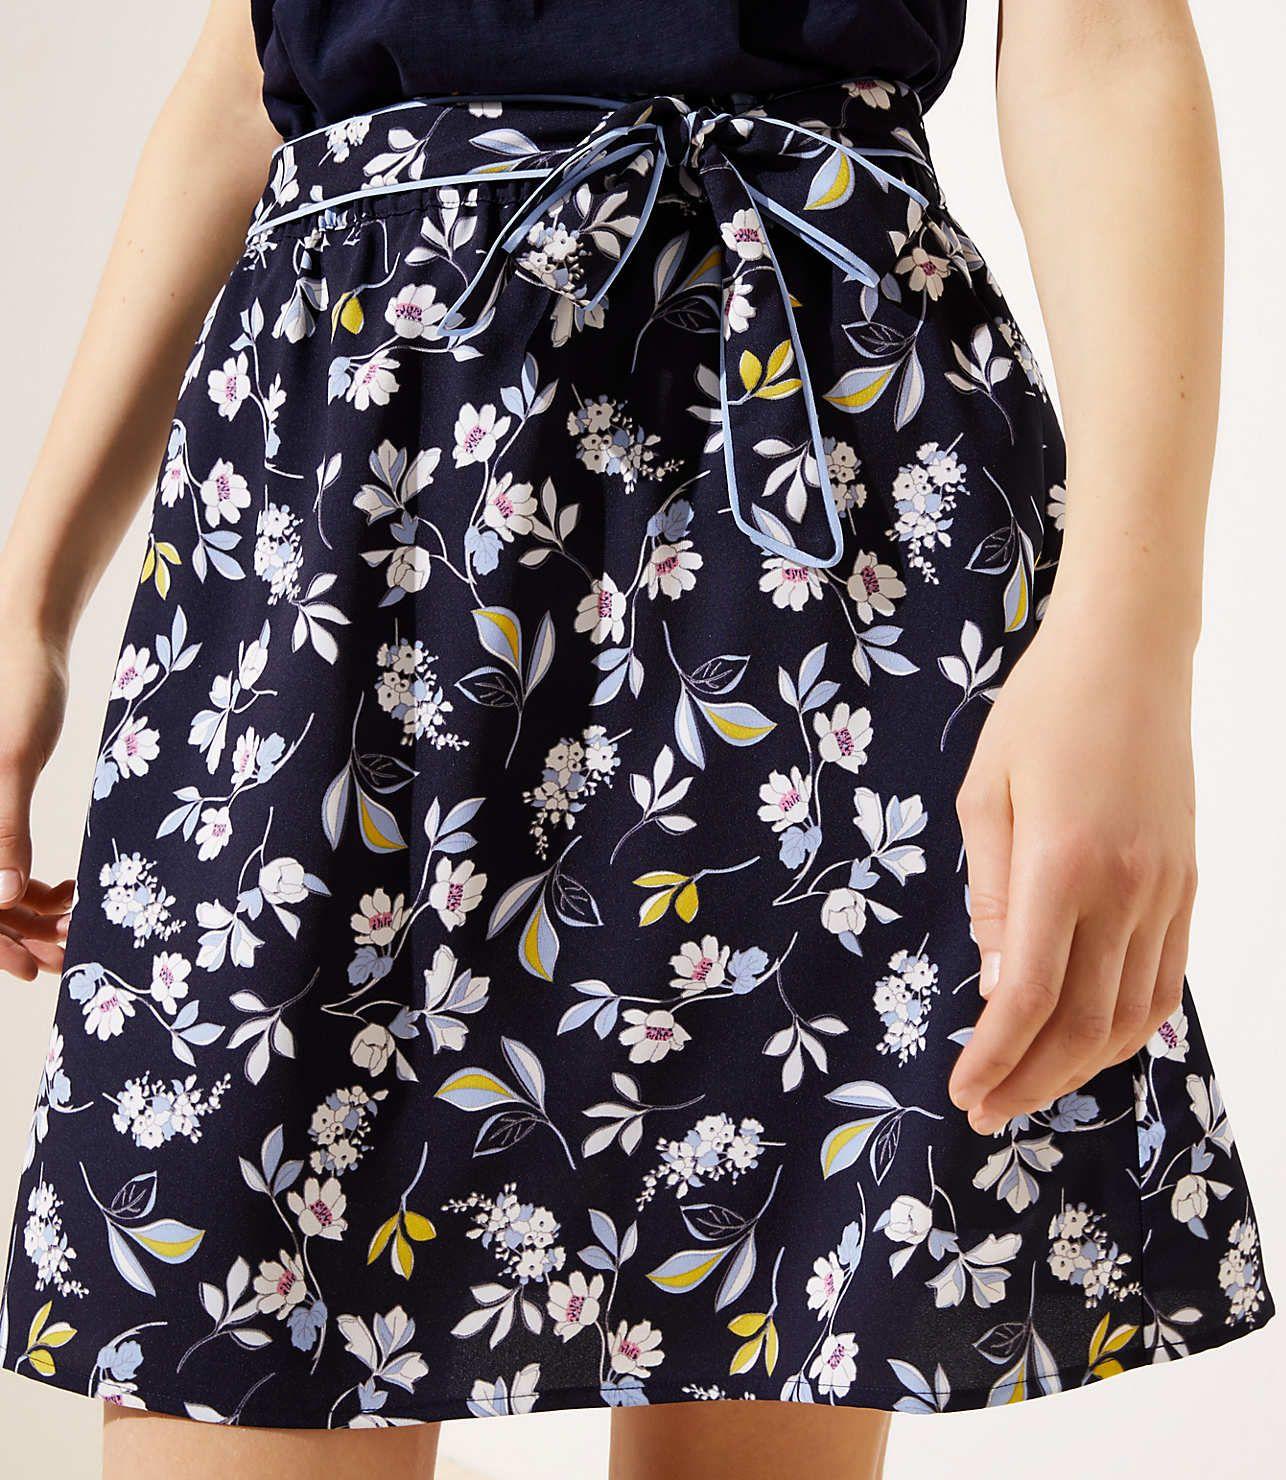 6bf70b7635 LOFT Bouquet Tie Waist Skirt in 2019 | Clothes | Skirts, Waist skirt ...